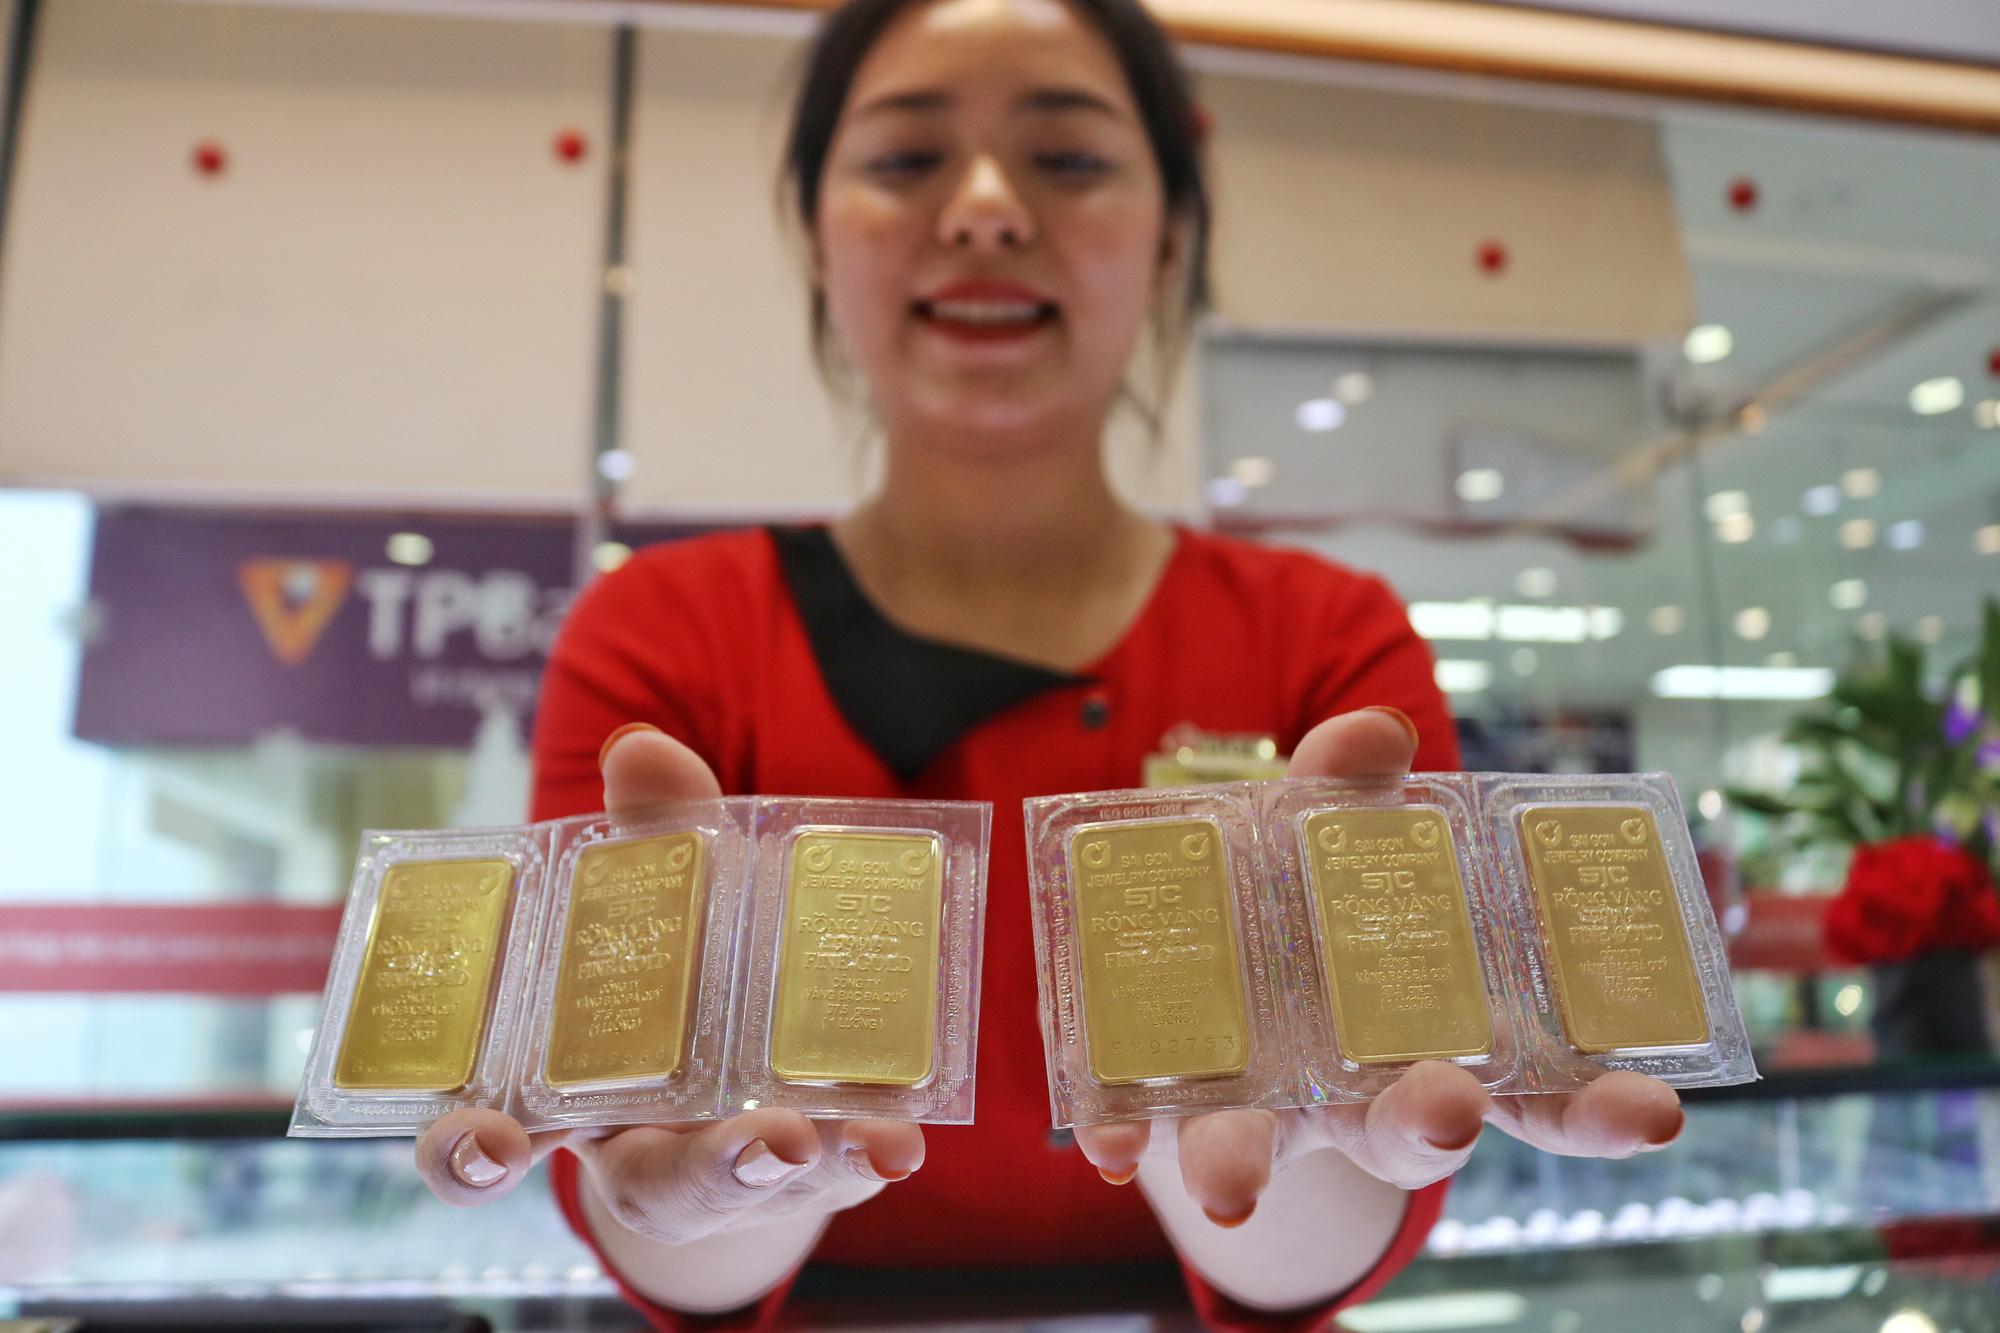 Giá vàng bật tăng trở lại sau khi FED hạ lãi suất về gần 0%. (Ảnh qua tuoitre)